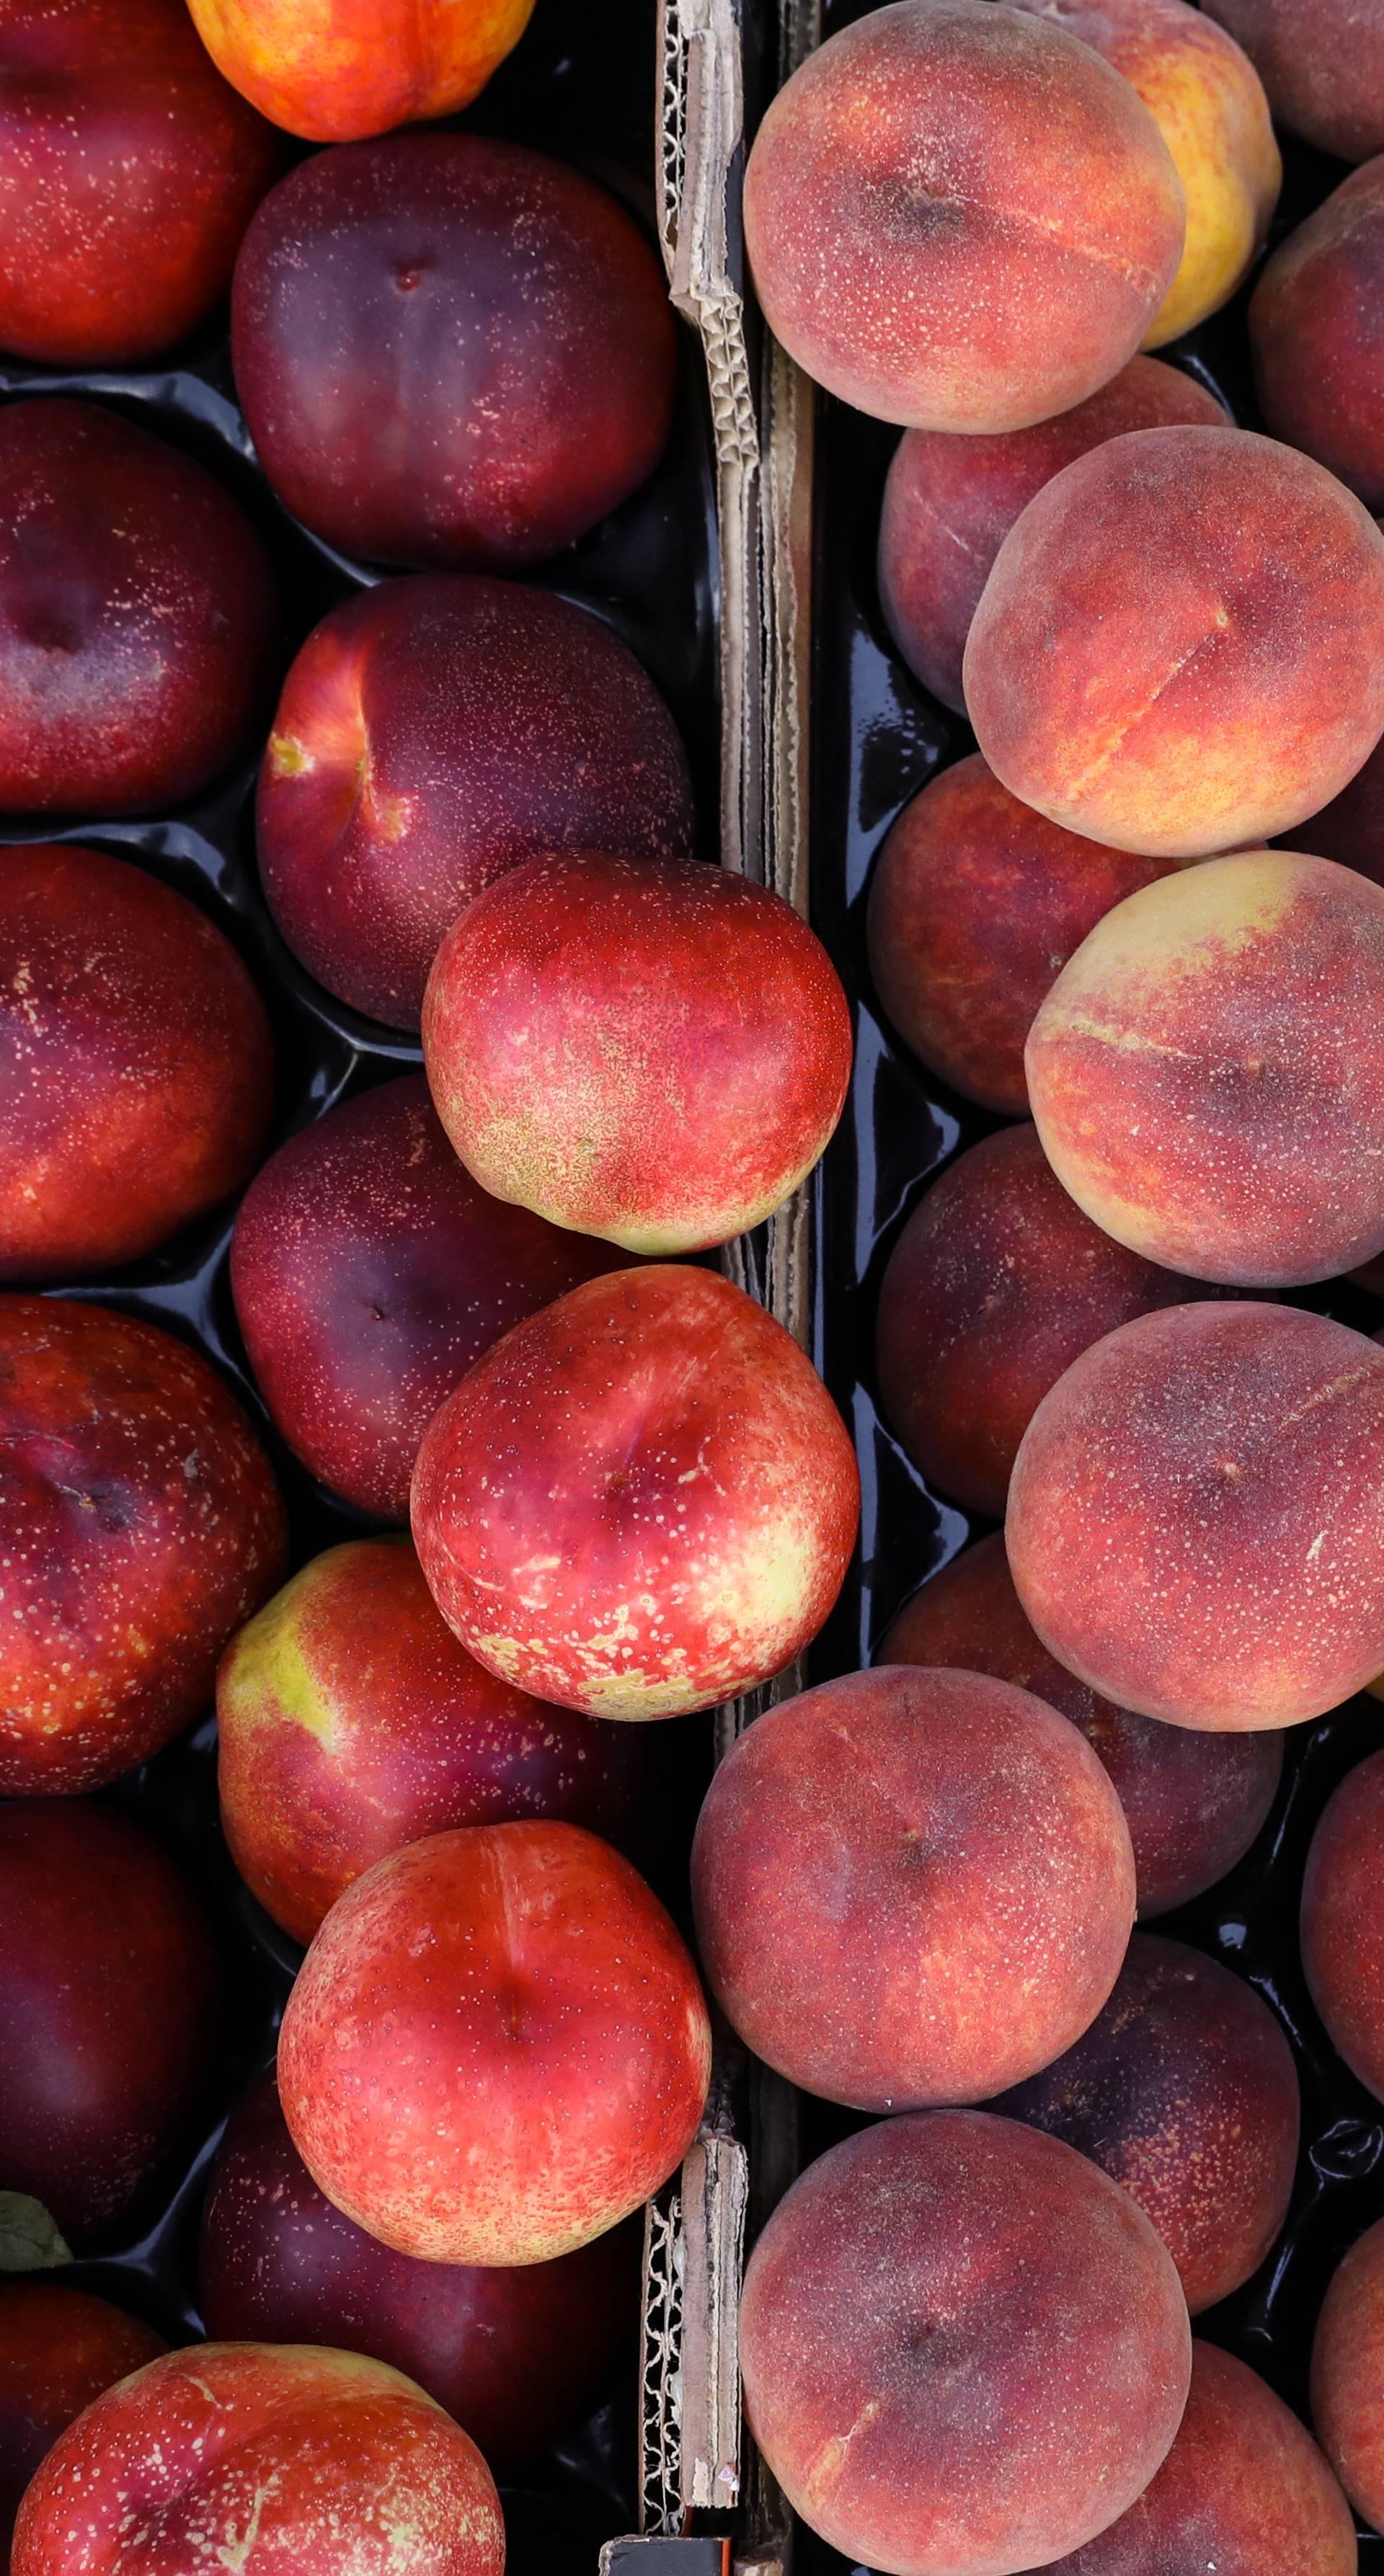 Zabavna hrana: Nektarina i breskva su u osnovi isto voće